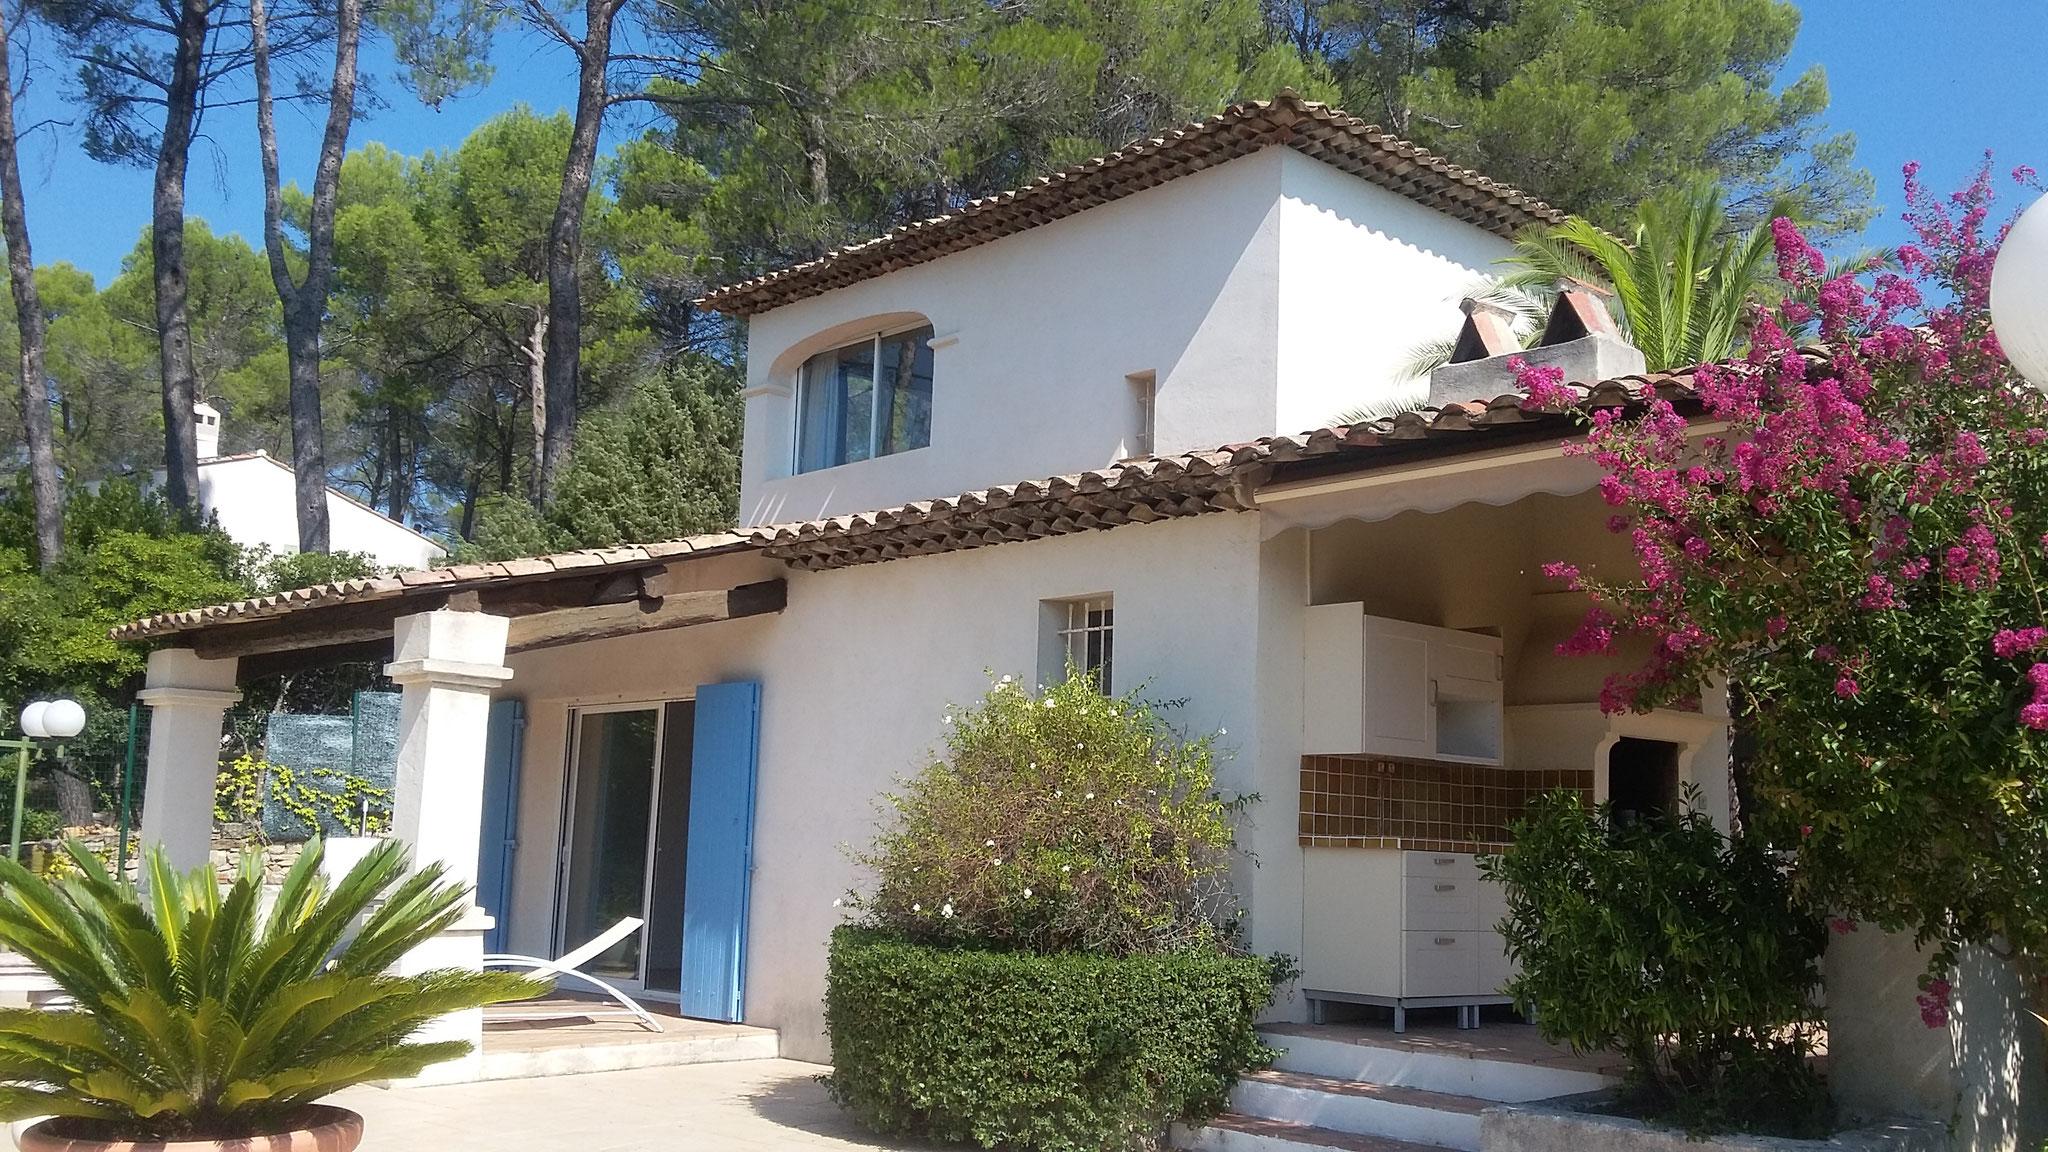 Draguignan - 590 000 € - 215 m² - 3 suites parentales et 1 bureau - Terrain 5 650 m²